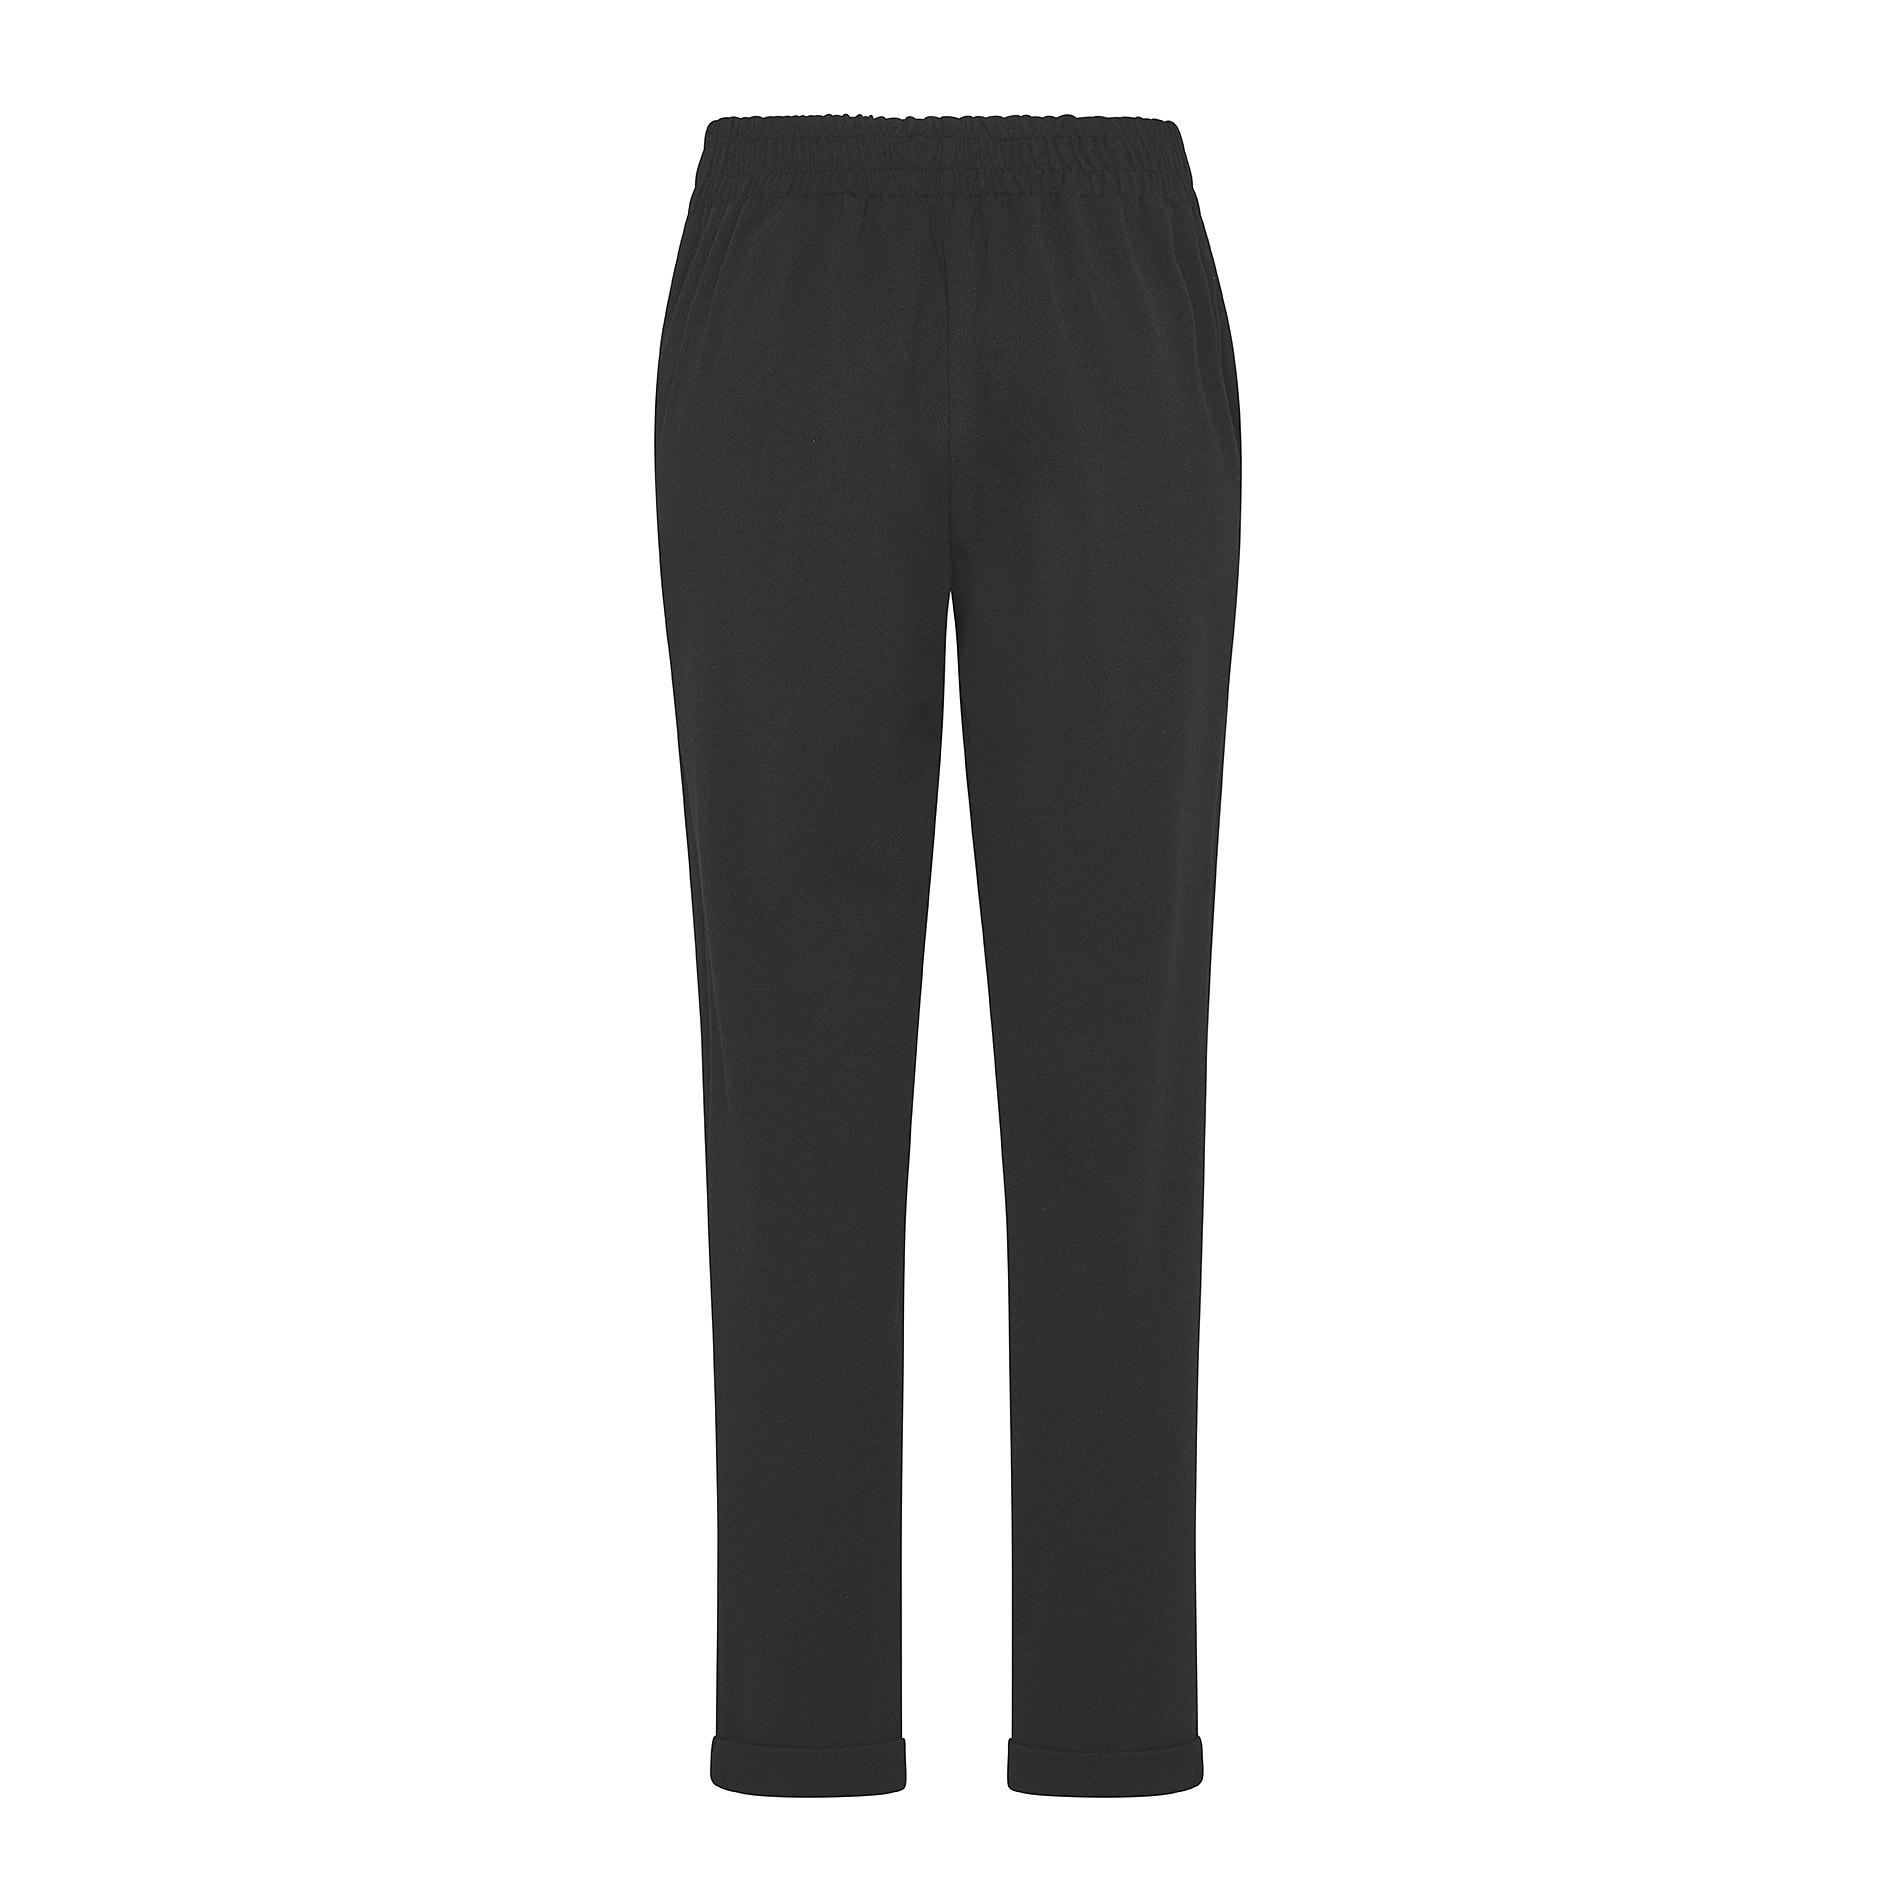 Pantalone tessuto crêpe Koan, Nero, large image number 1